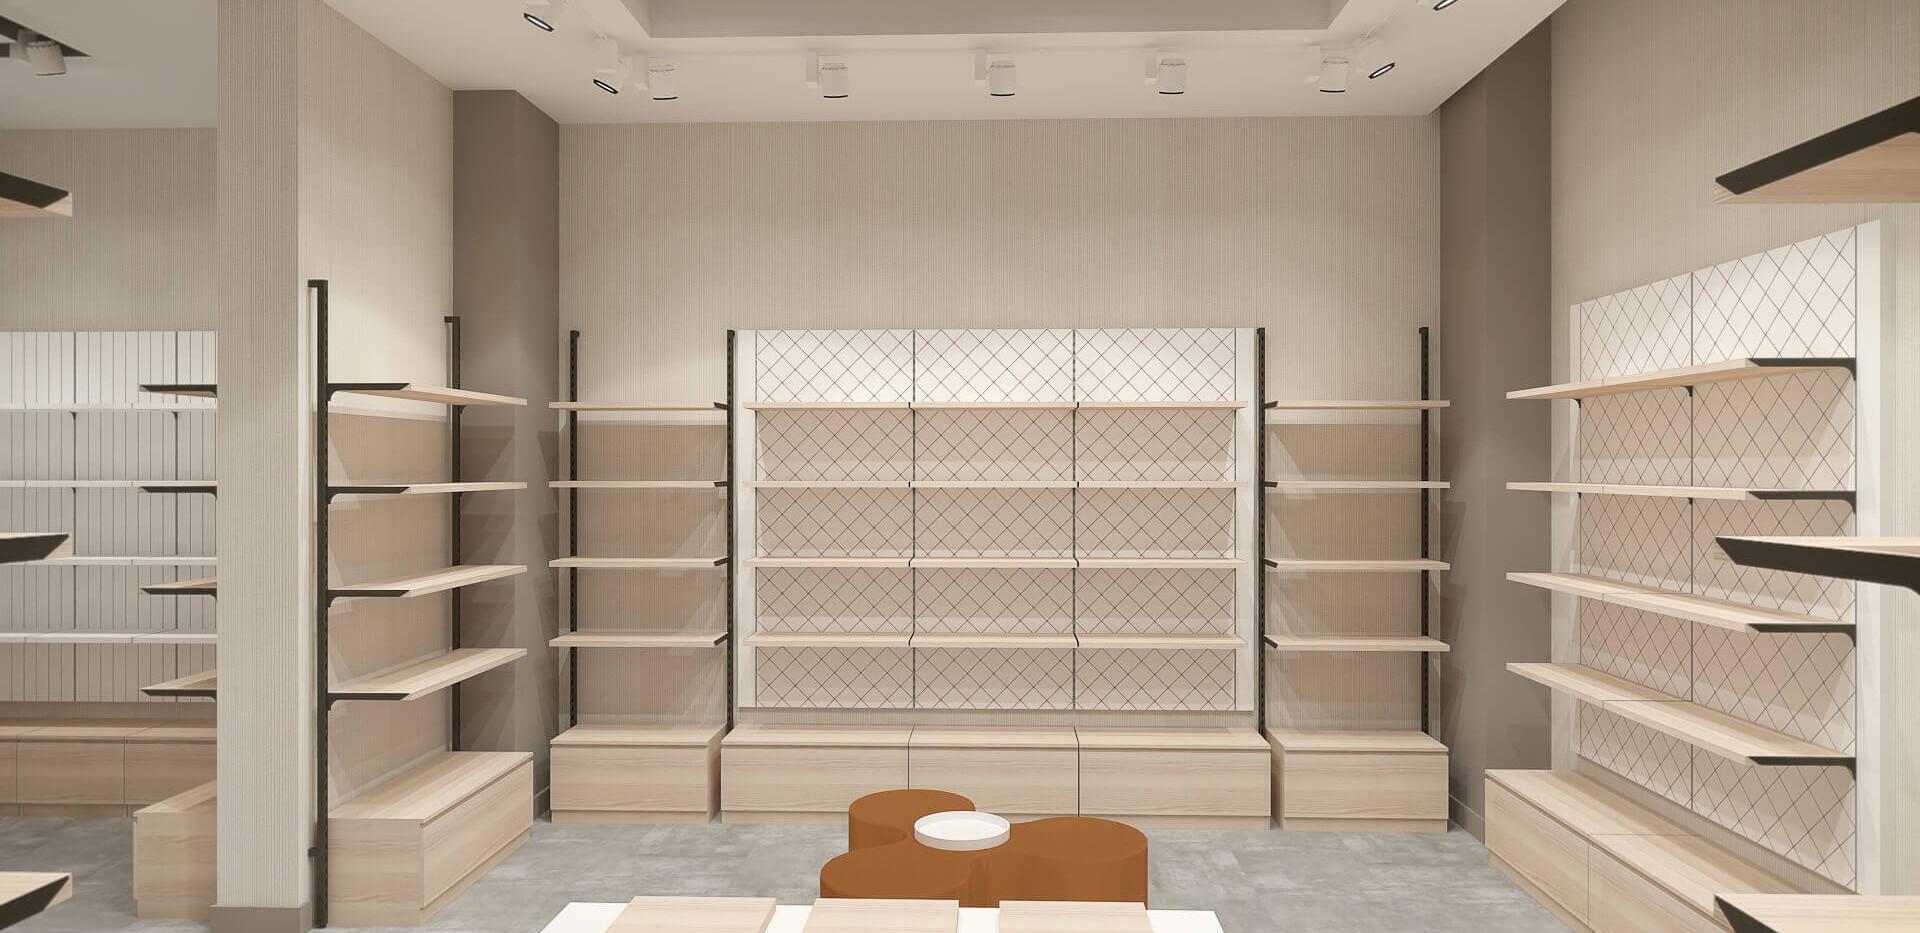 Cinici - Shoes Store Shop Design-5.jpg